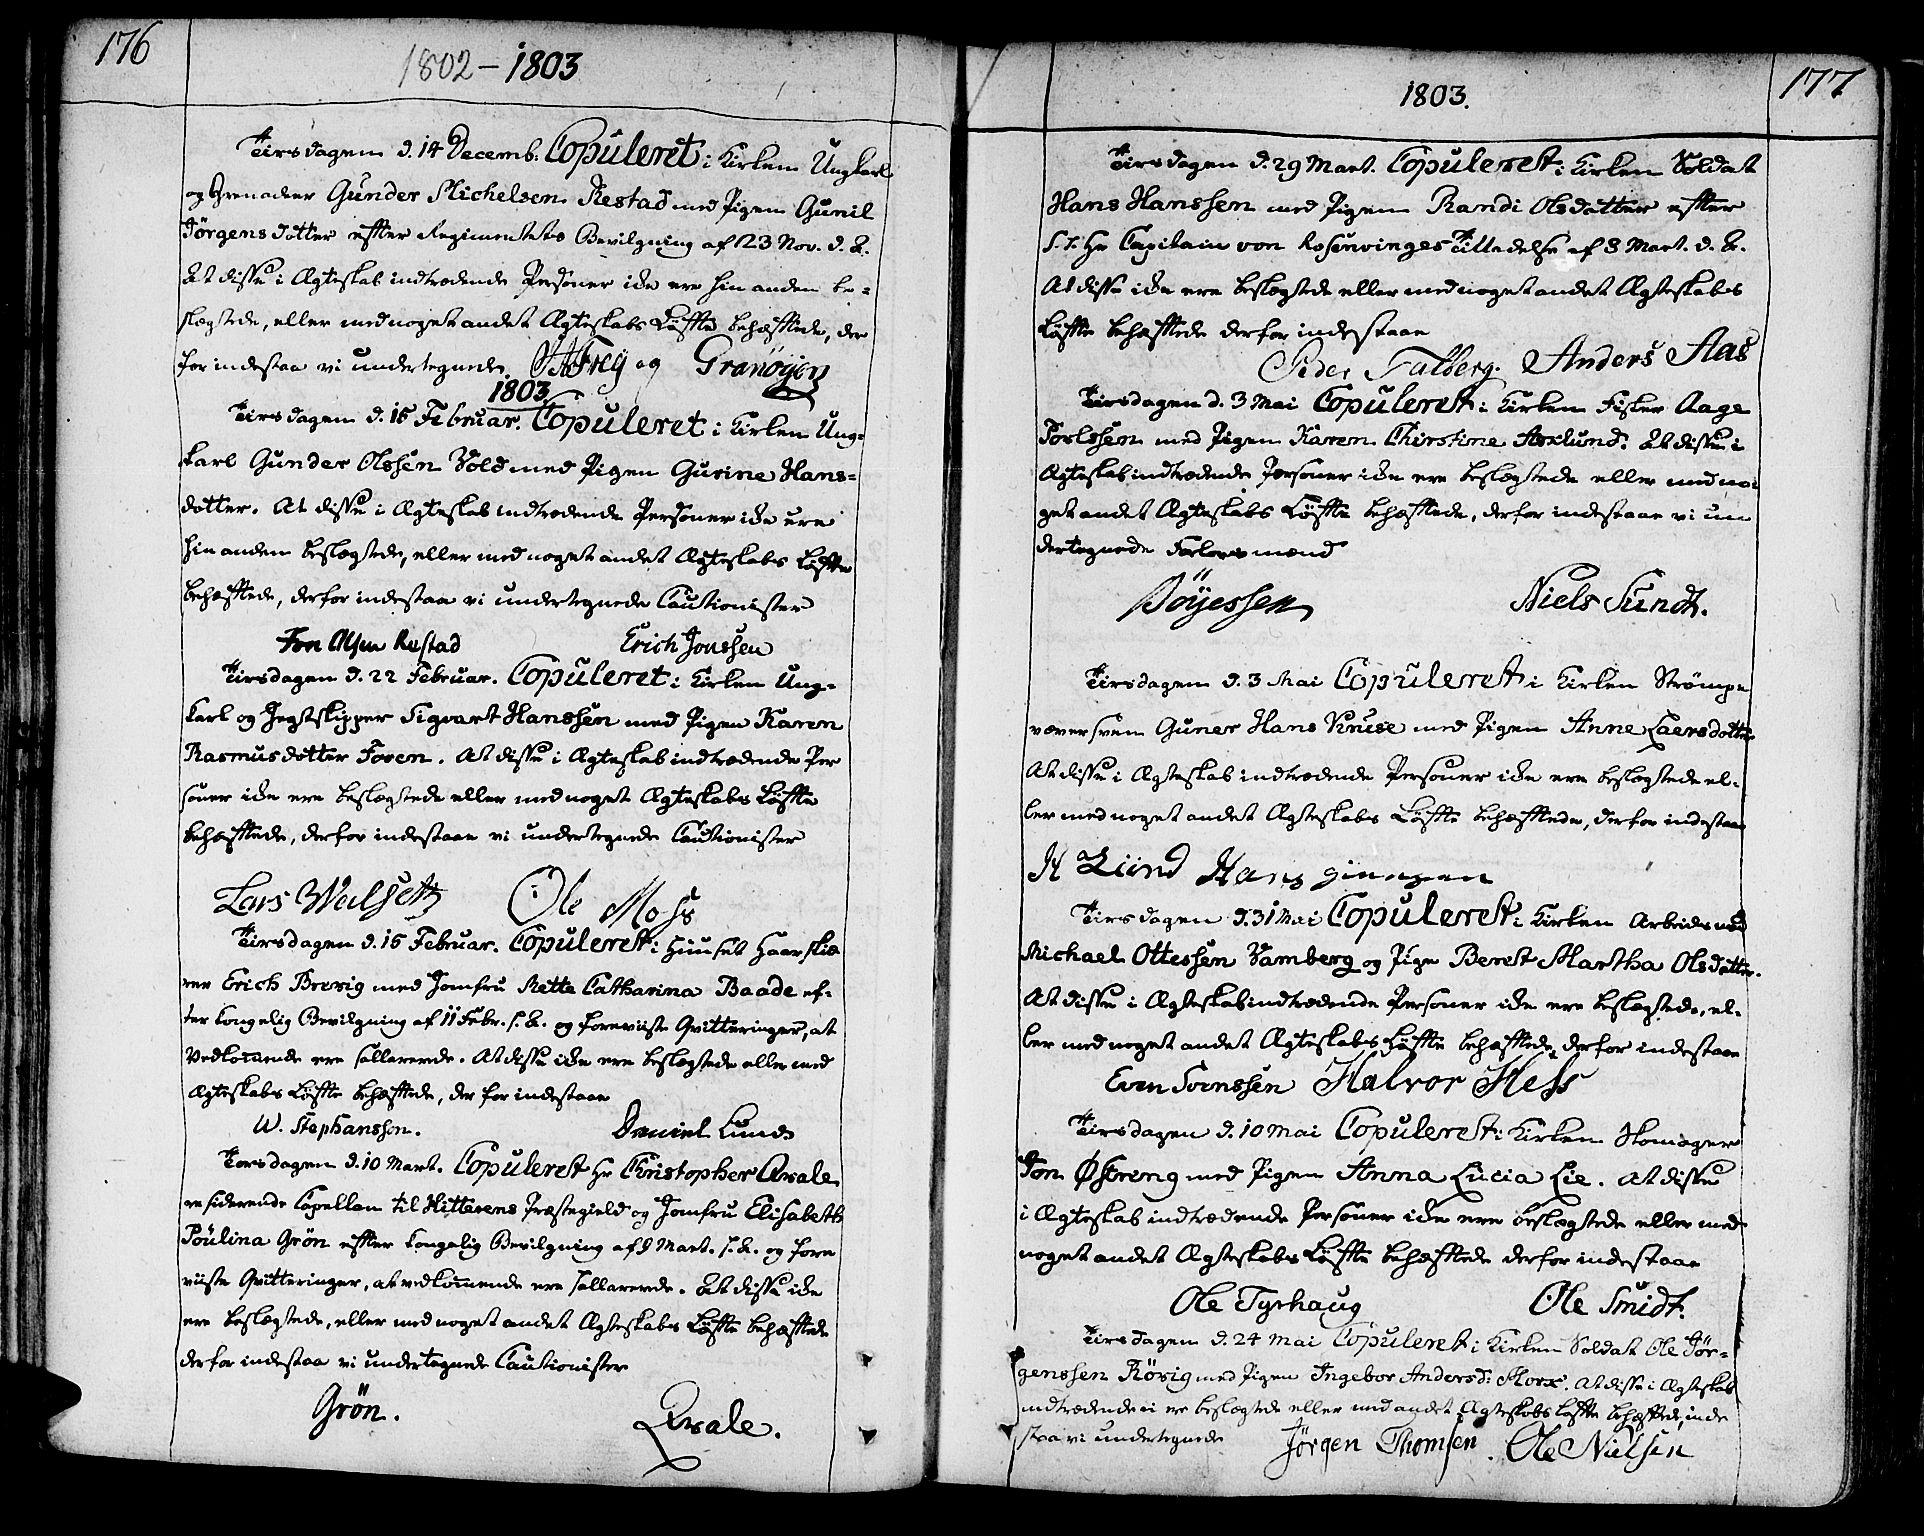 SAT, Ministerialprotokoller, klokkerbøker og fødselsregistre - Sør-Trøndelag, 602/L0105: Ministerialbok nr. 602A03, 1774-1814, s. 176-177